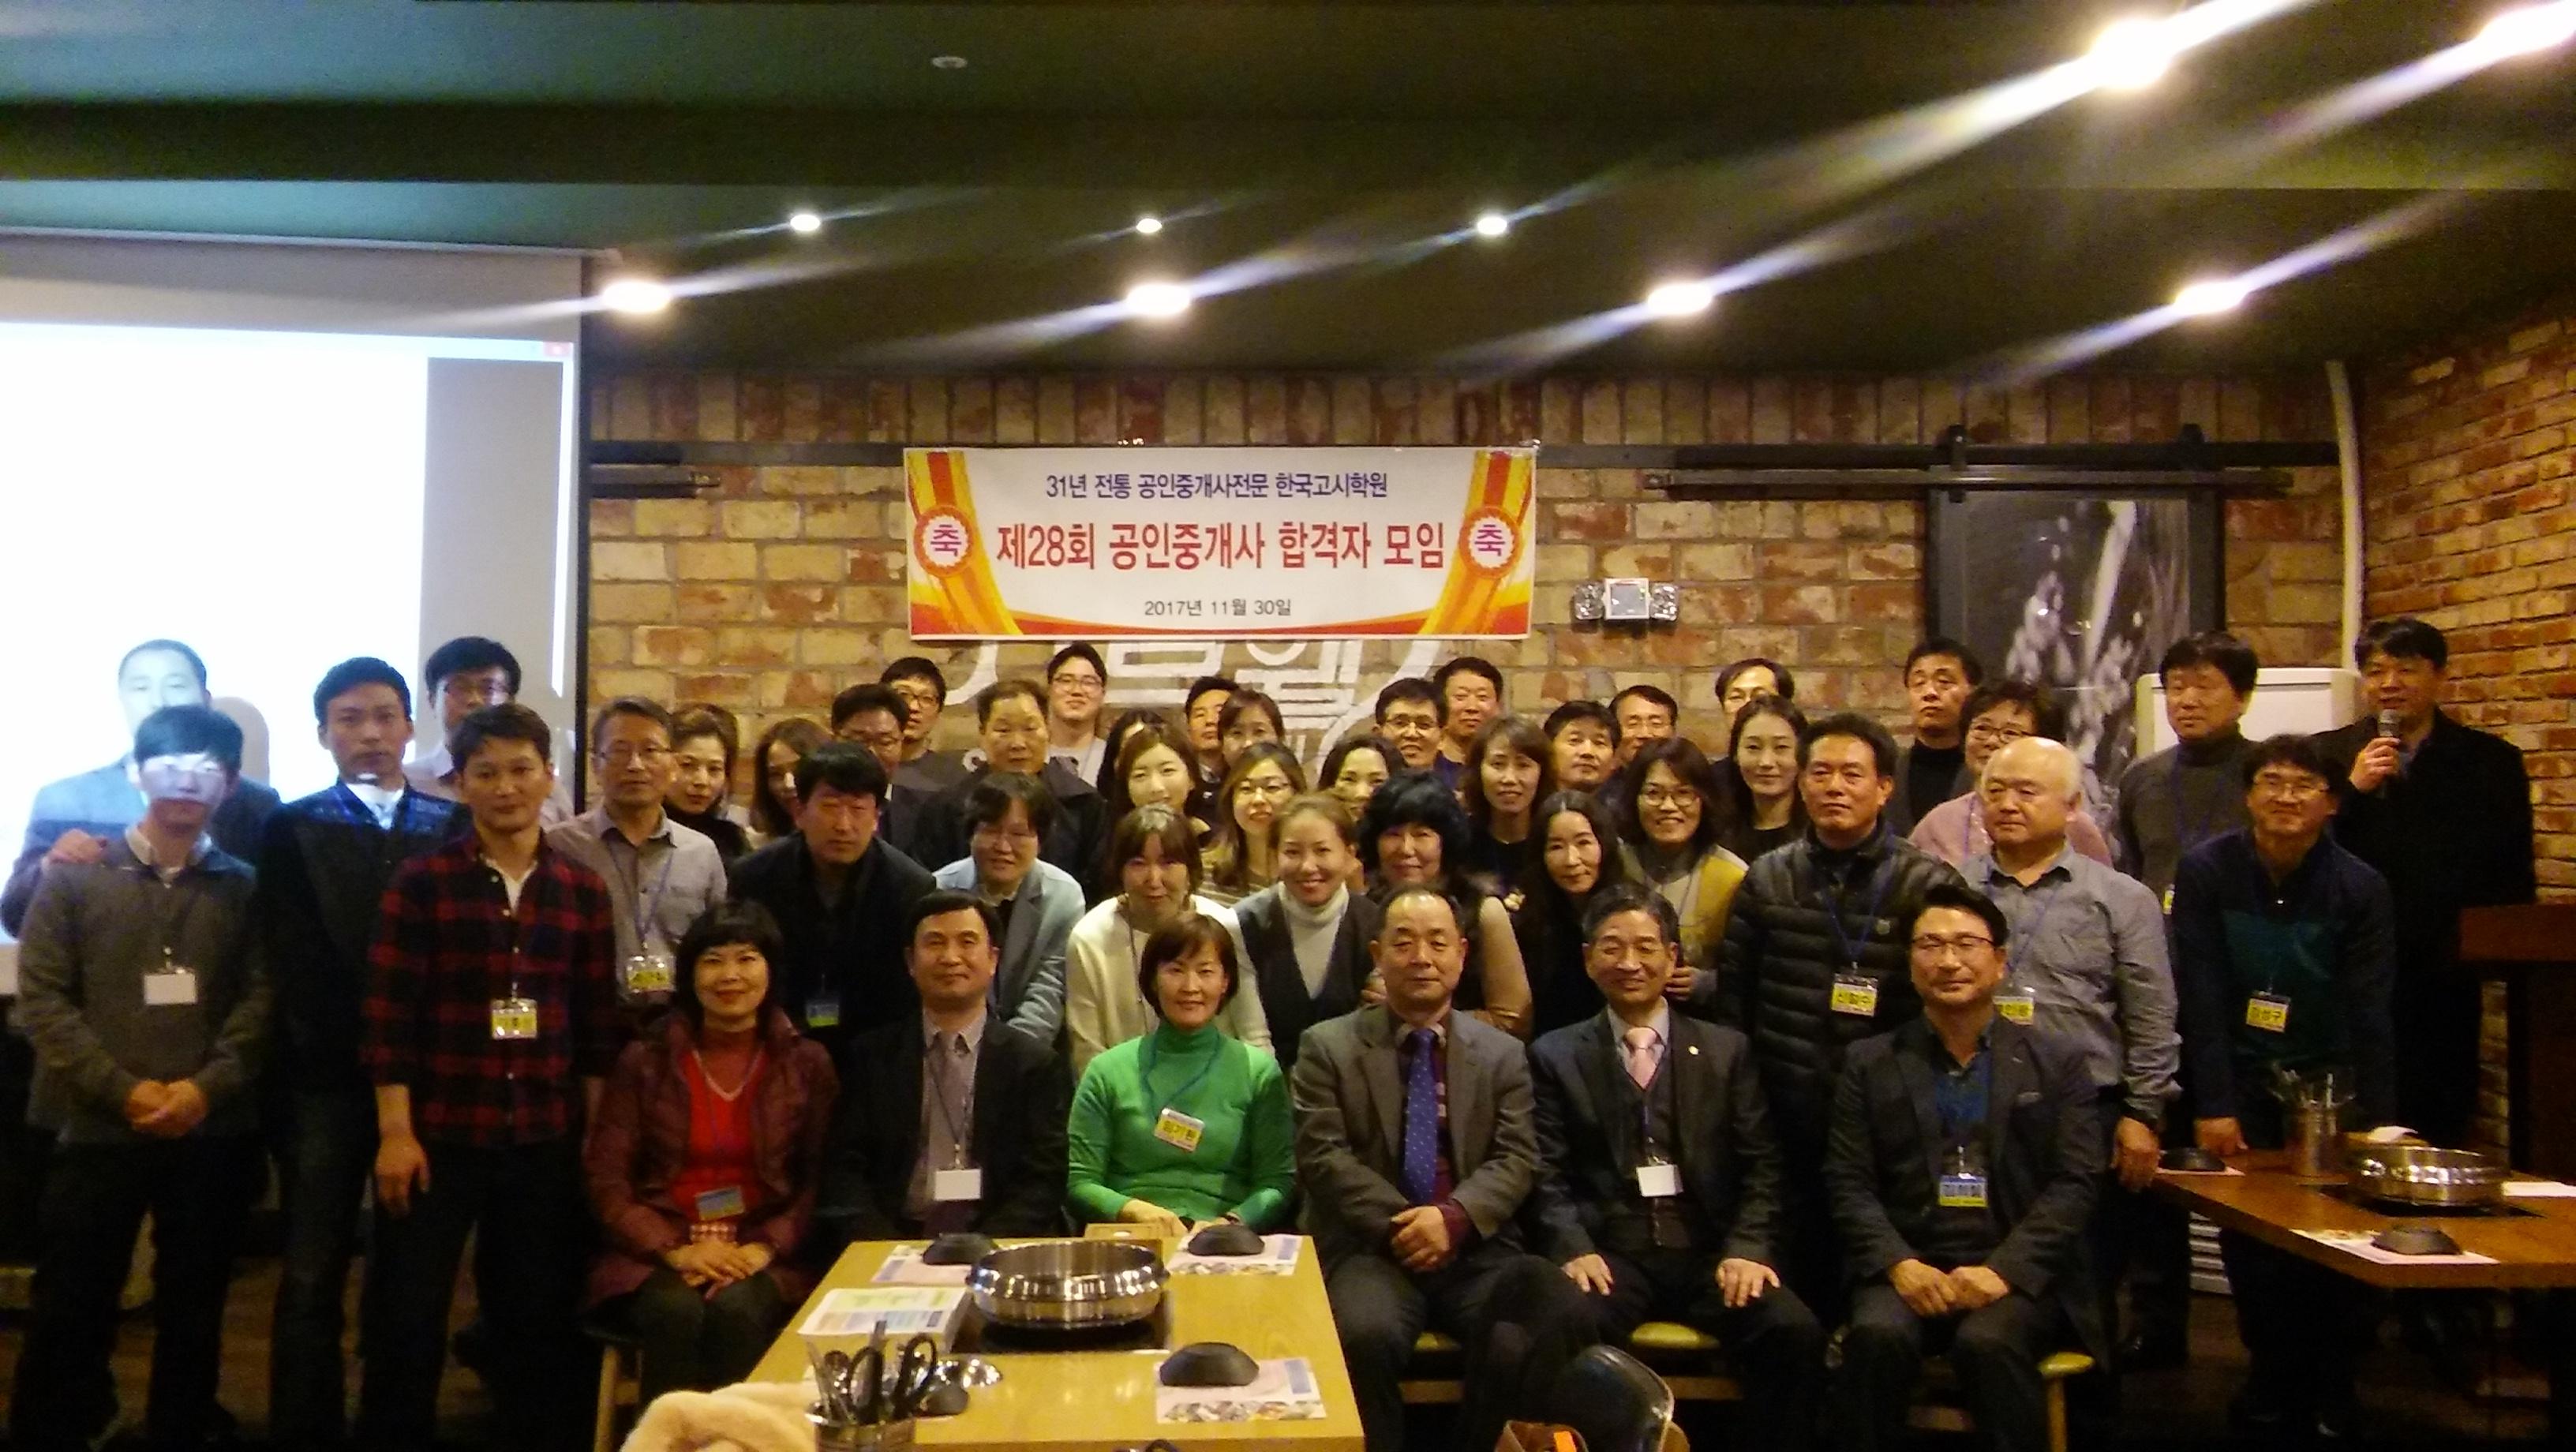 2017년 공인중개사 모임